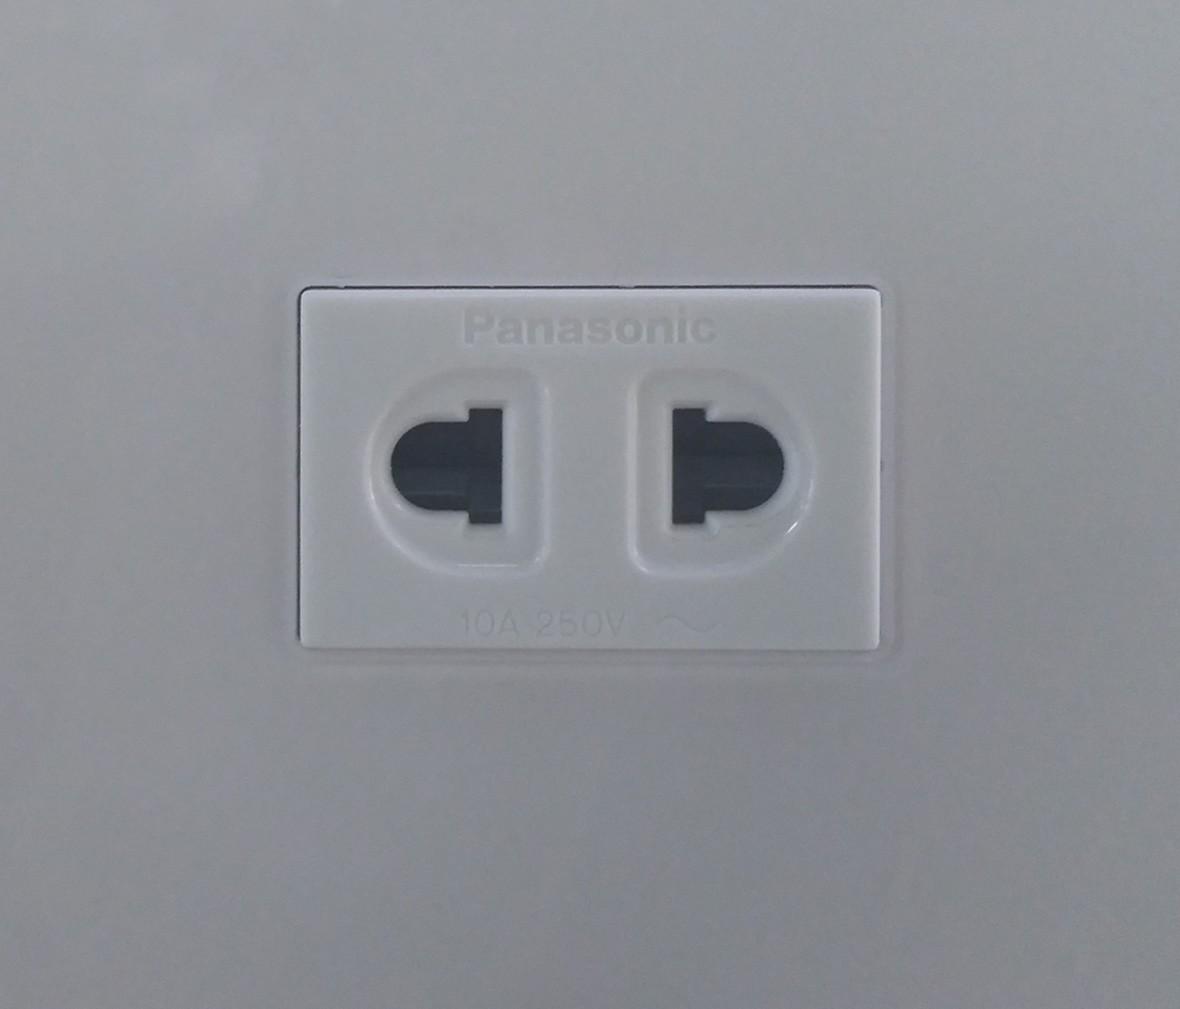 松下灯饰 新姿彩系列 双孔珍珠白插座 耐高温 防漏电 PC材质 细节